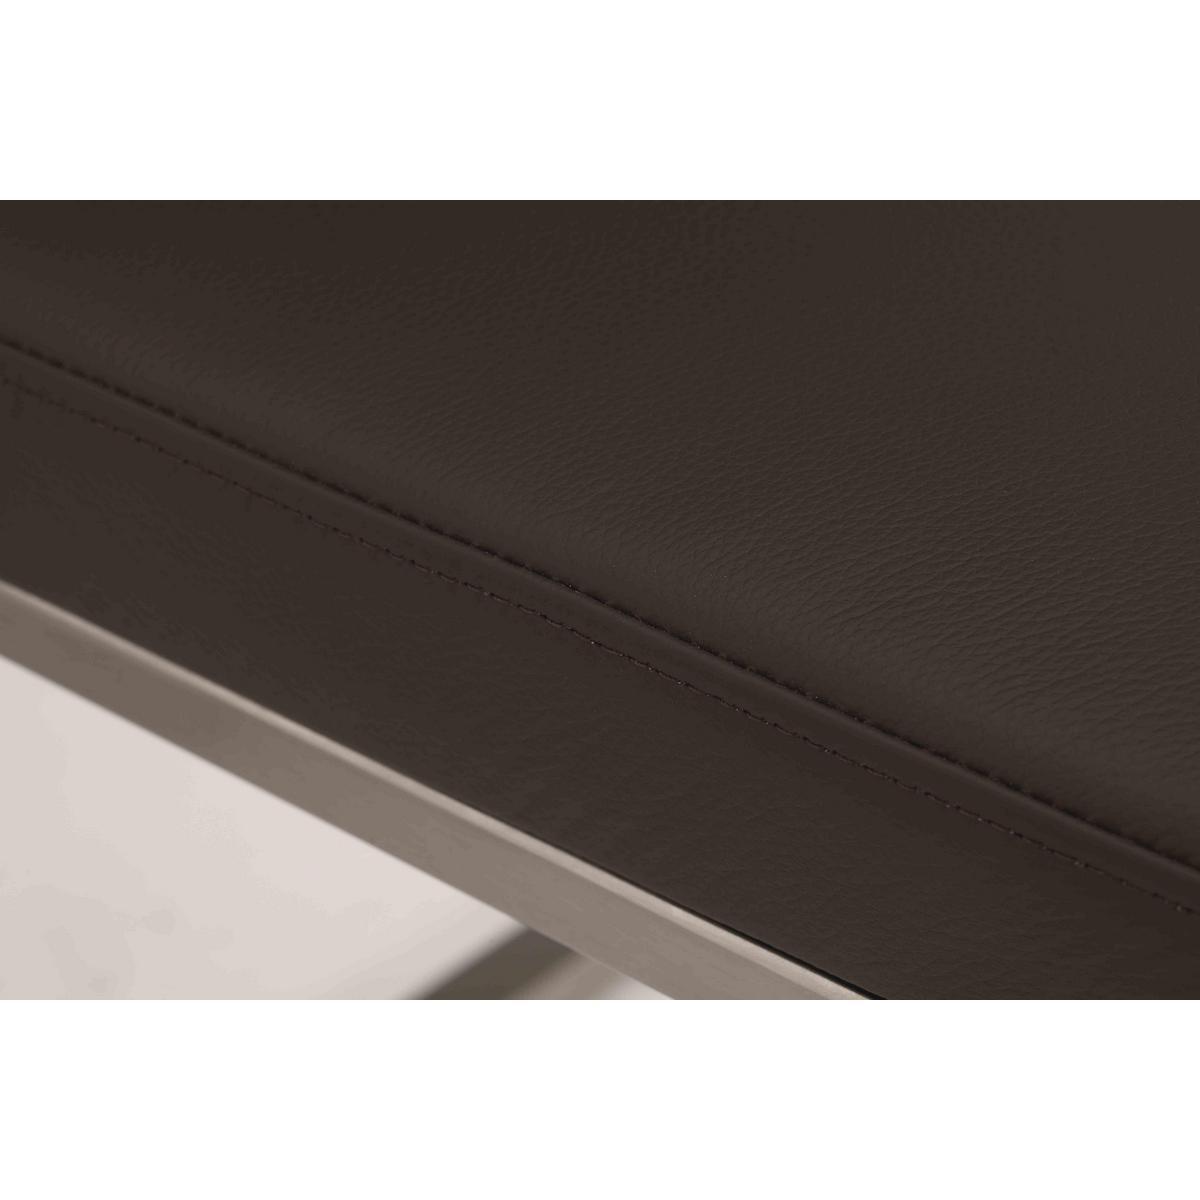 Wäschetruhe Holz Dunkelbraun ~   Stuhl Stühle Nickel und Asteiche massiv  SIRO ACERRO dunkelbraun